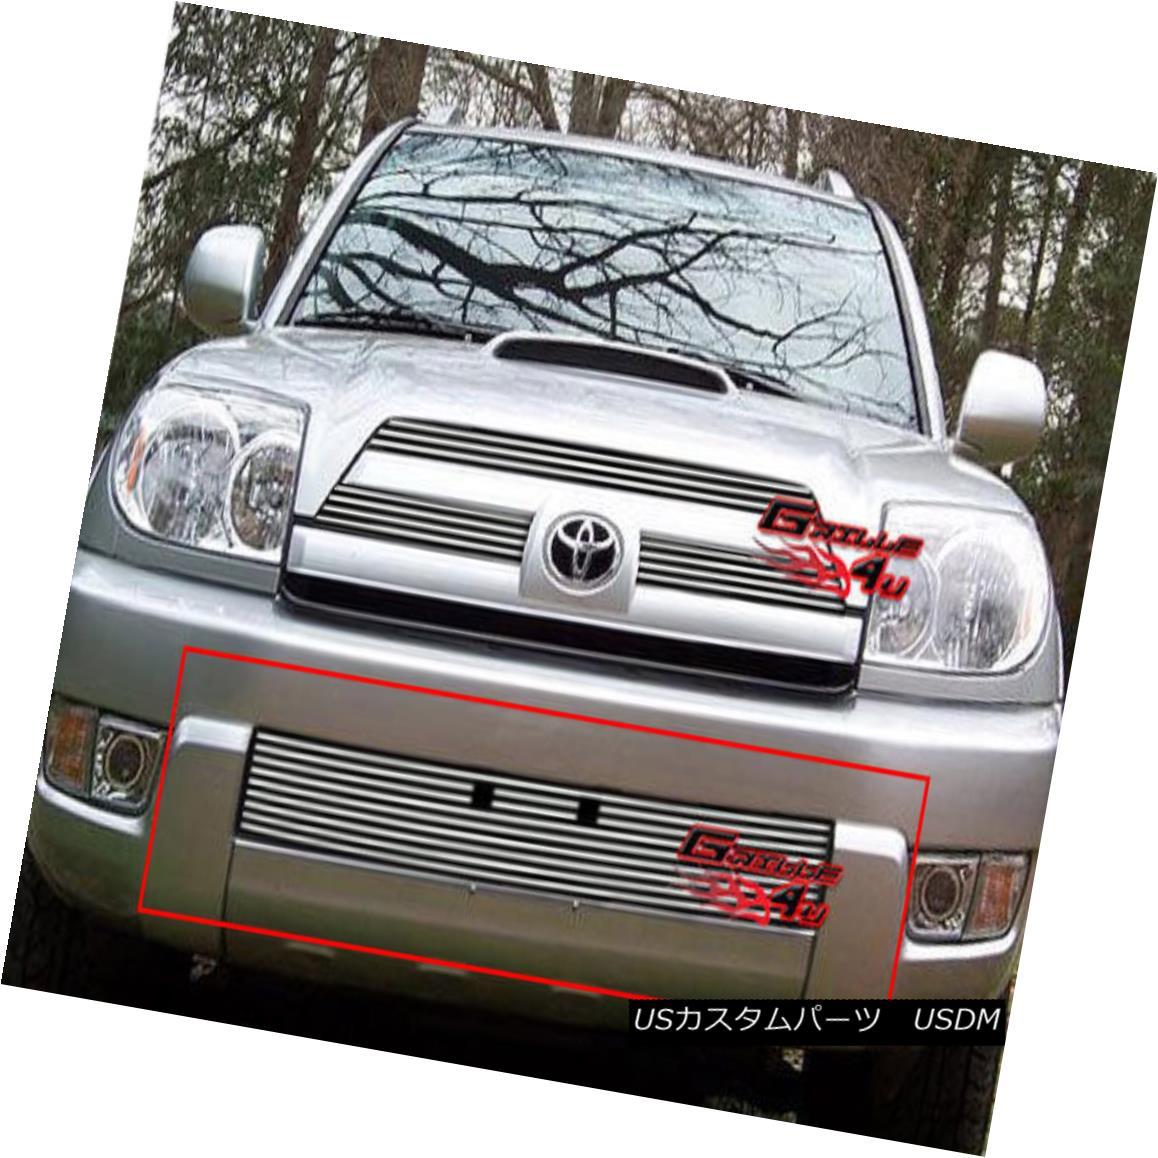 グリル Fits 2003-2005 Toyota 4Runner Lower Bumper Billet Grille Insert フィット2003-2005トヨタ4Runnerロワーバンパービレットグリルインサート